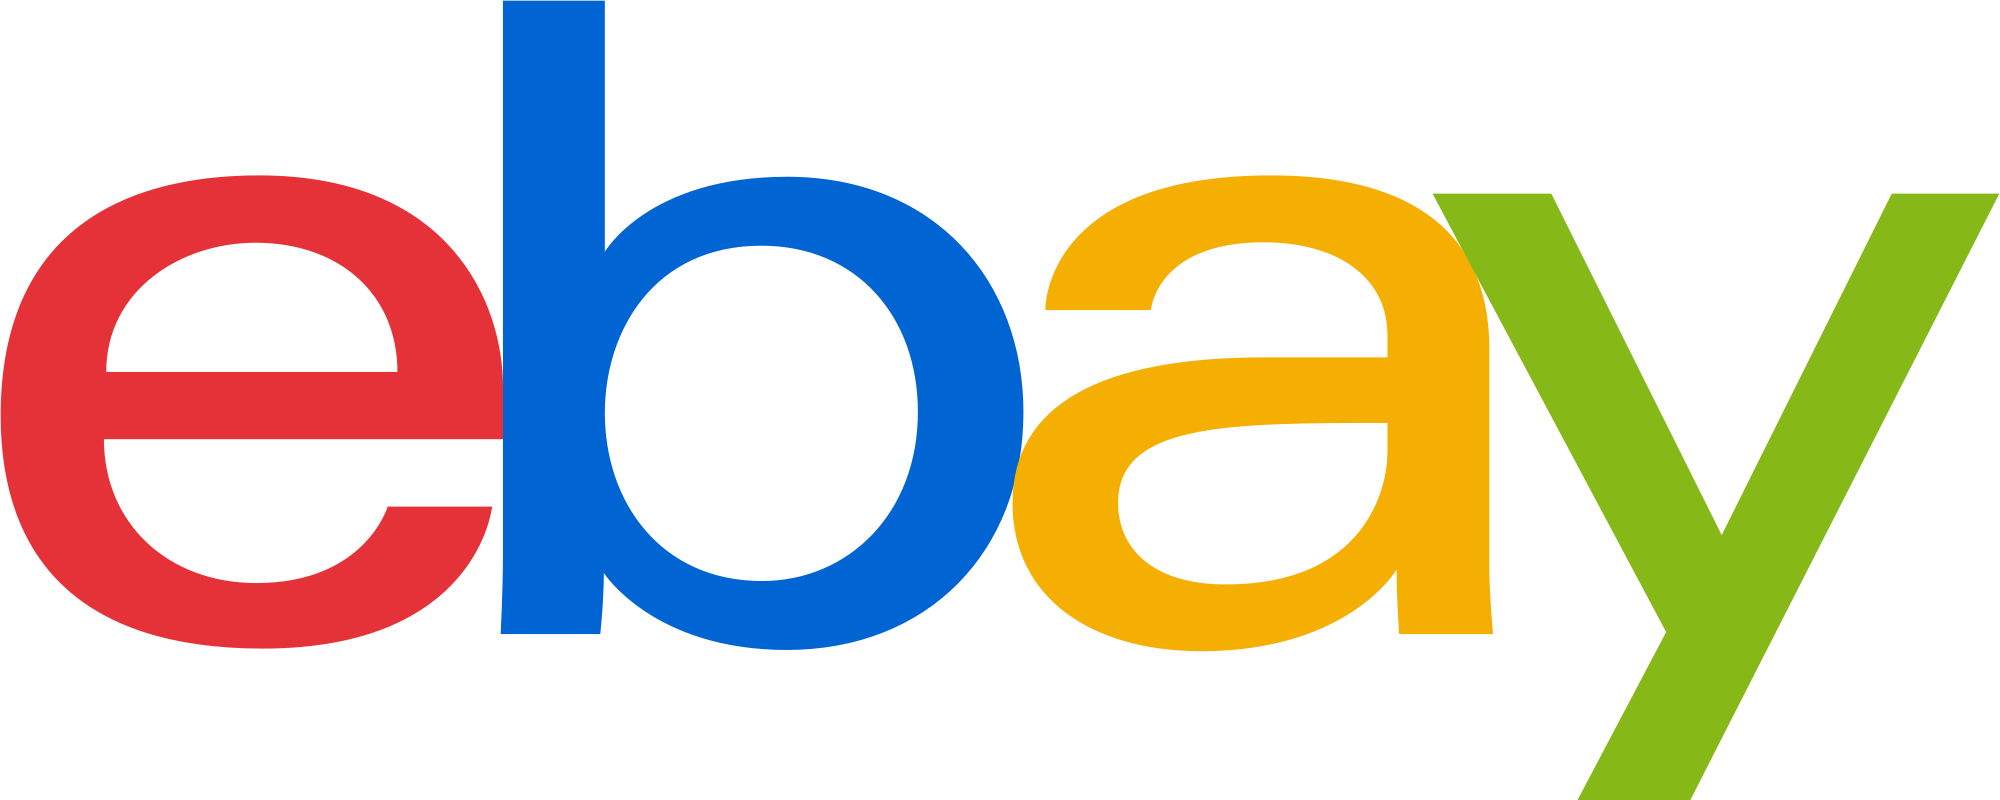 Kortingscode Ebay voor 15% korting op geselecteerde artikelen